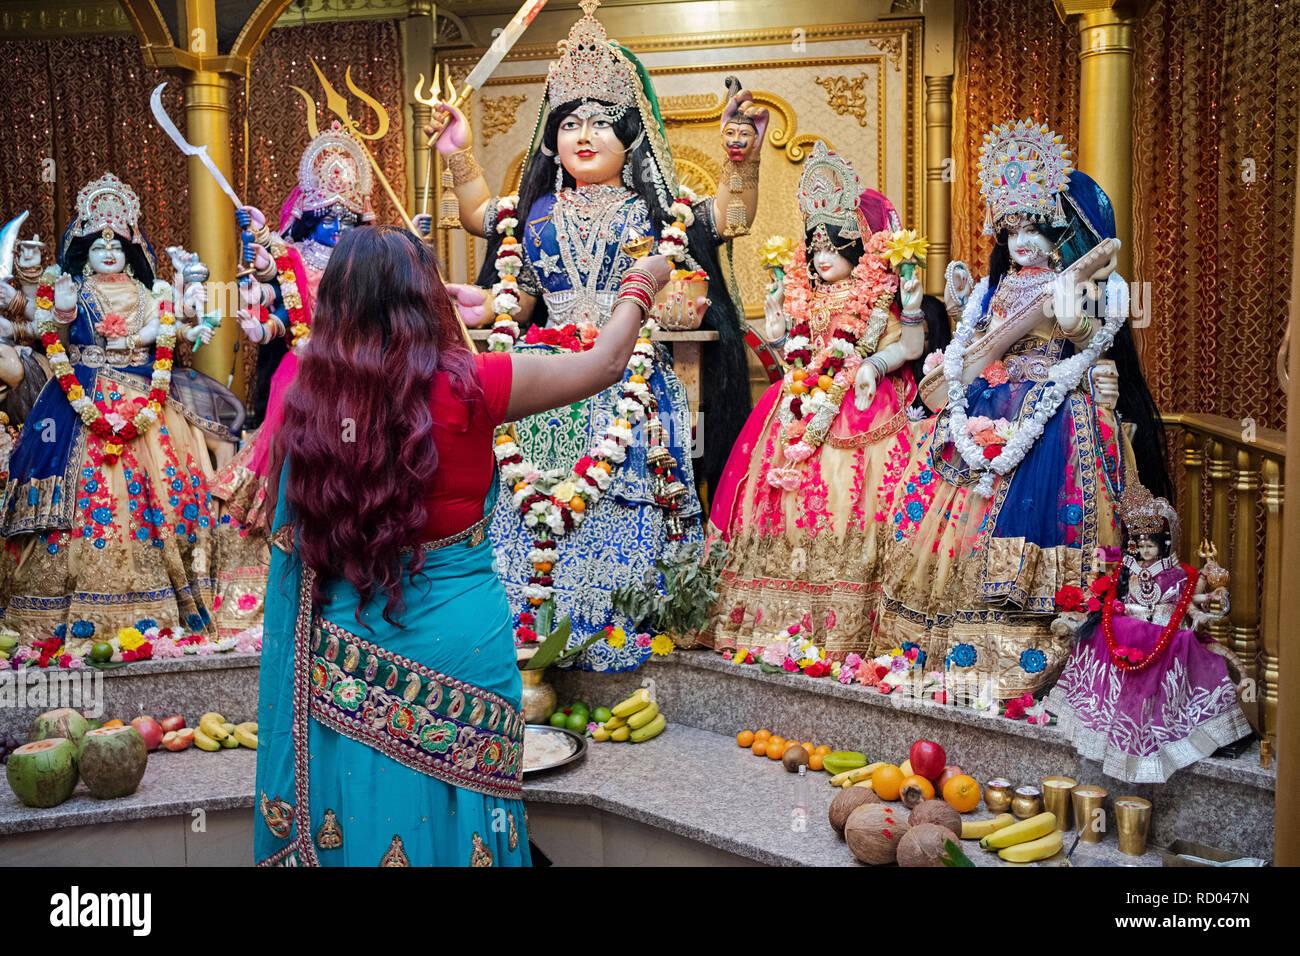 Le arti rituale. Una pia donna Indù prega e onde fuoco davanti di statue di divinità in un tempio nel Queens, a New York City. Immagini Stock